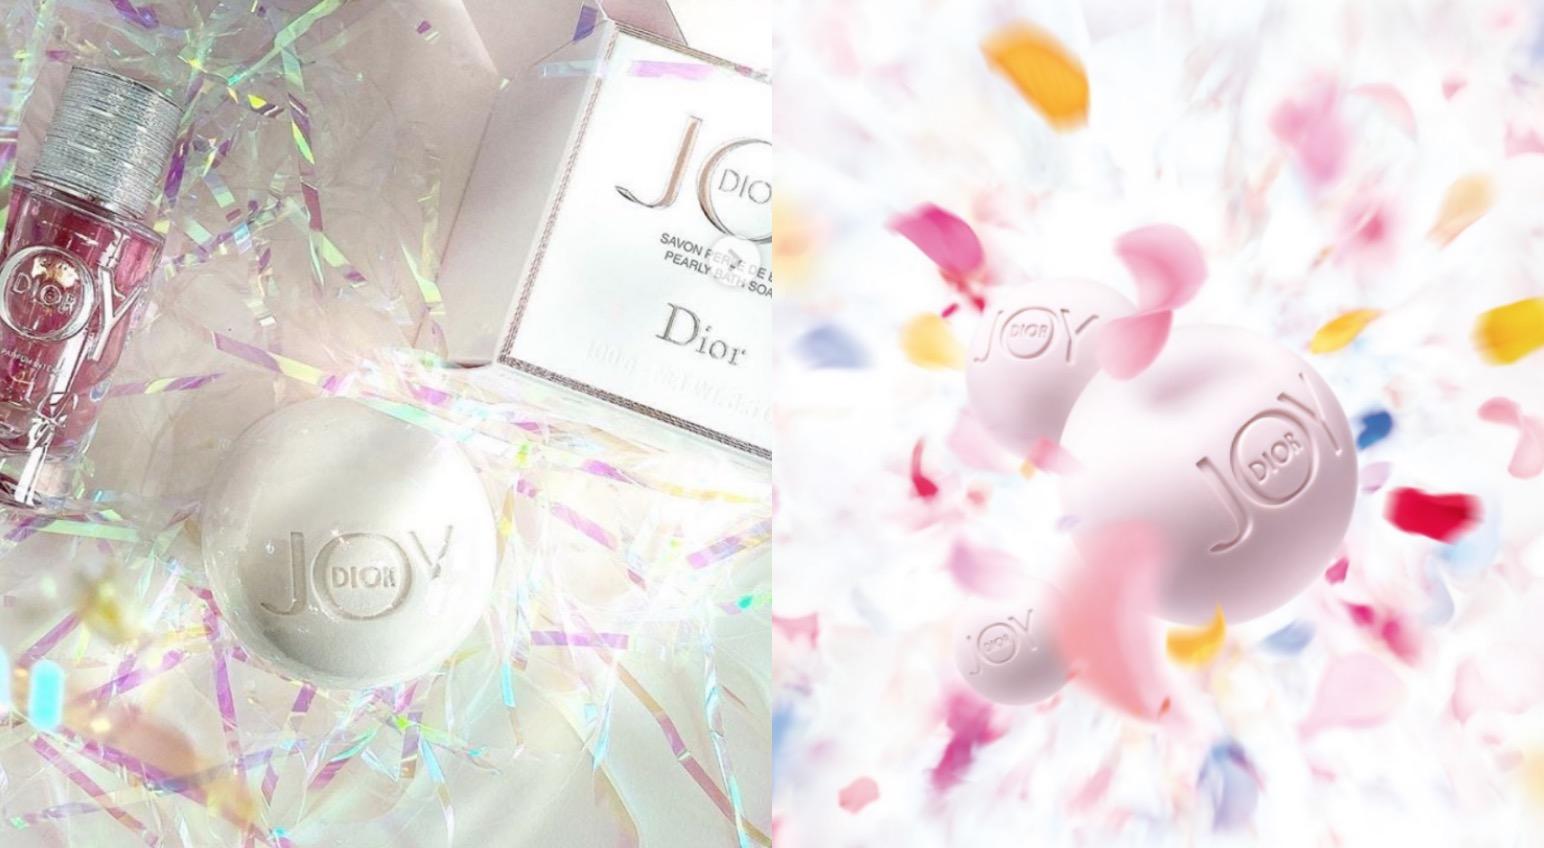 同步推出全新香氛沐浴皂,外型宛如粉紅珍珠般圓潤、純淨、柔滑,精巧細緻讓人愛不釋手。